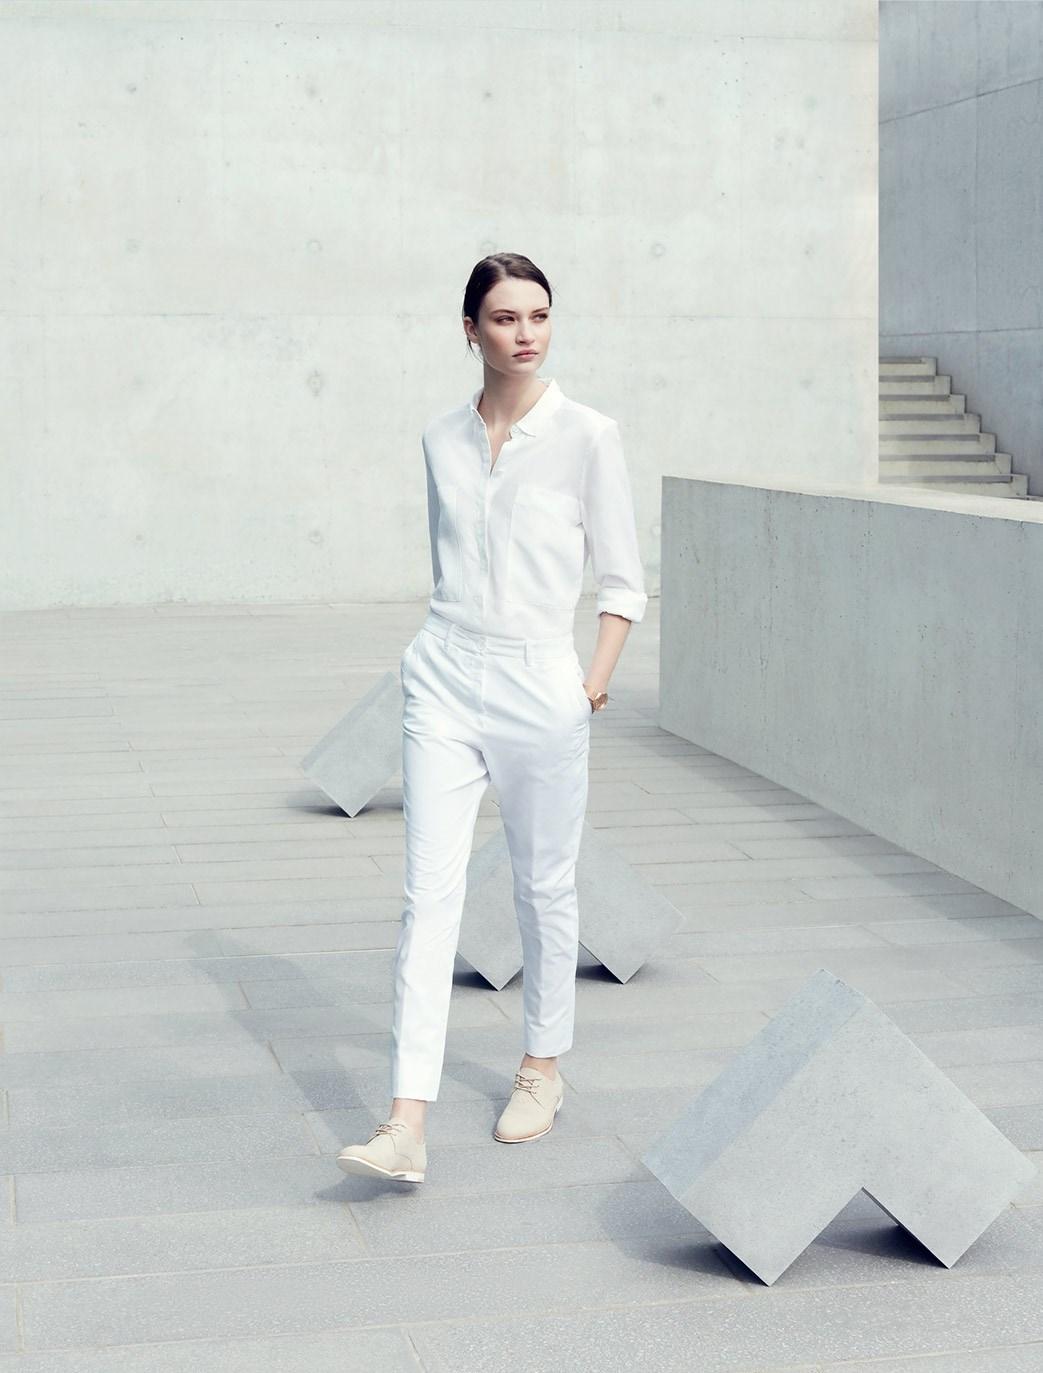 Lacoste SS16 Footwear campaign  - fabrik | ello